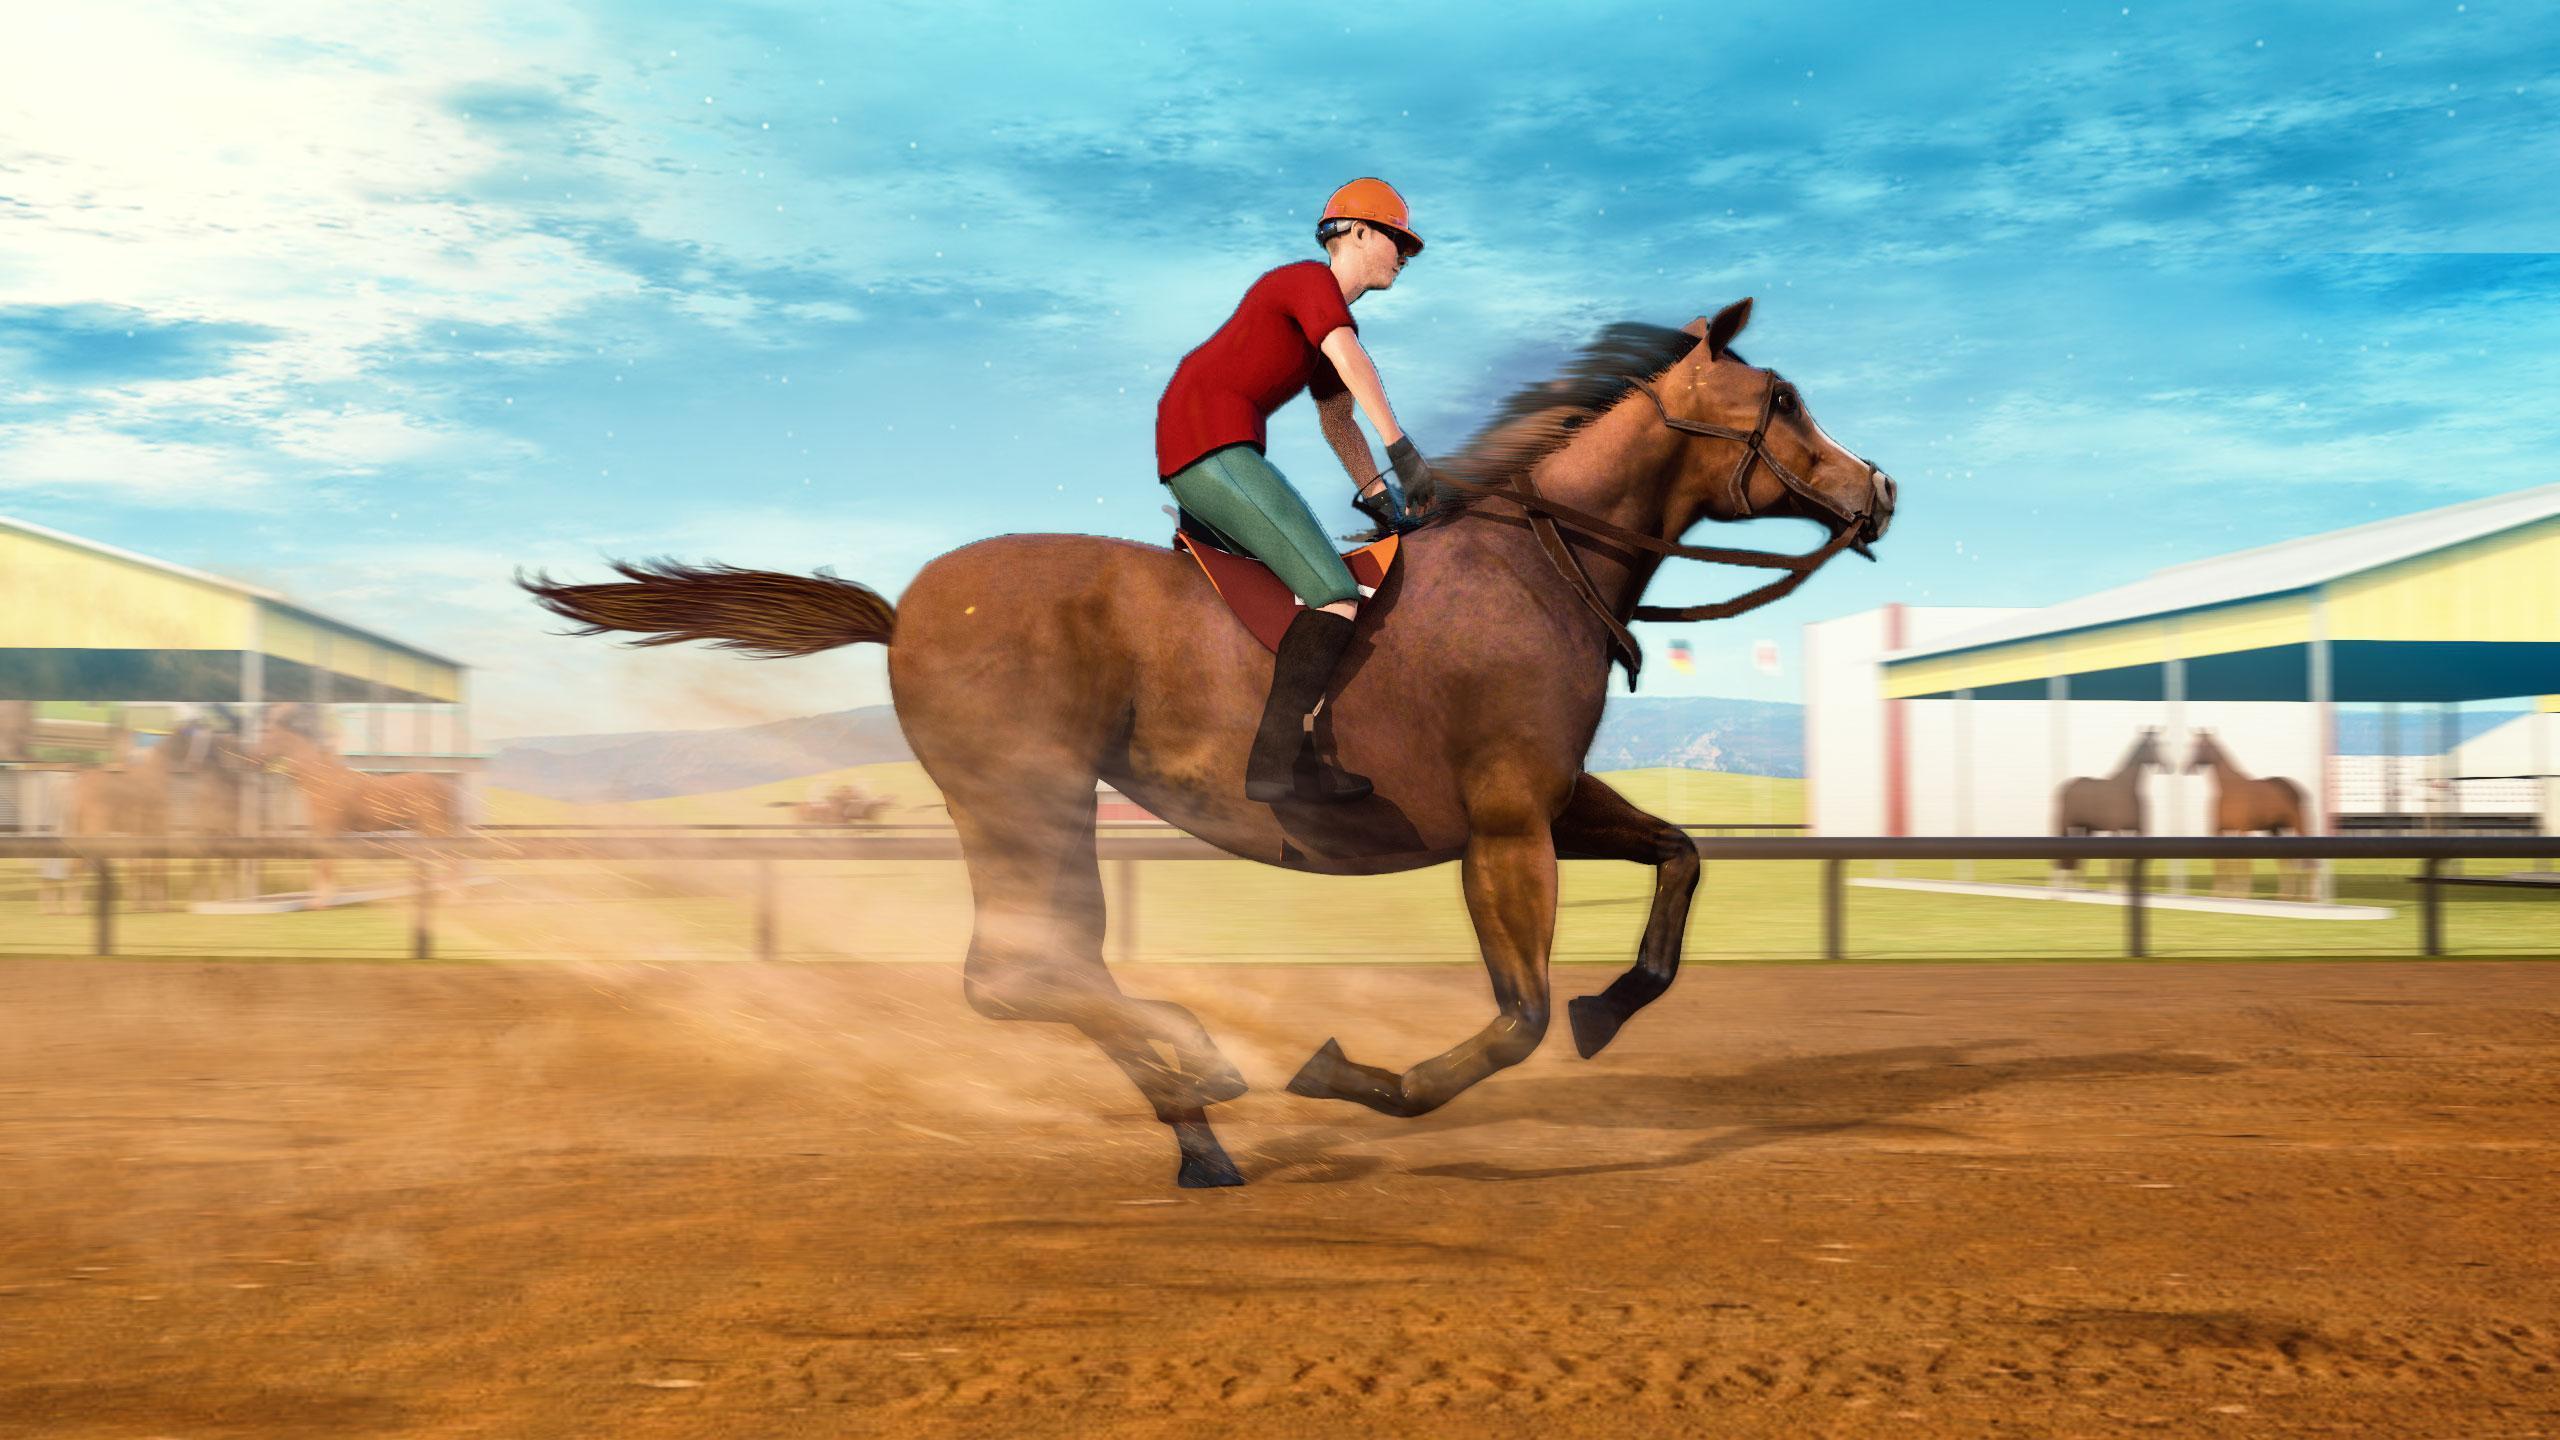 Horse Racing Games 2020: Derby Riding Race 3d 4.1 Screenshot 11